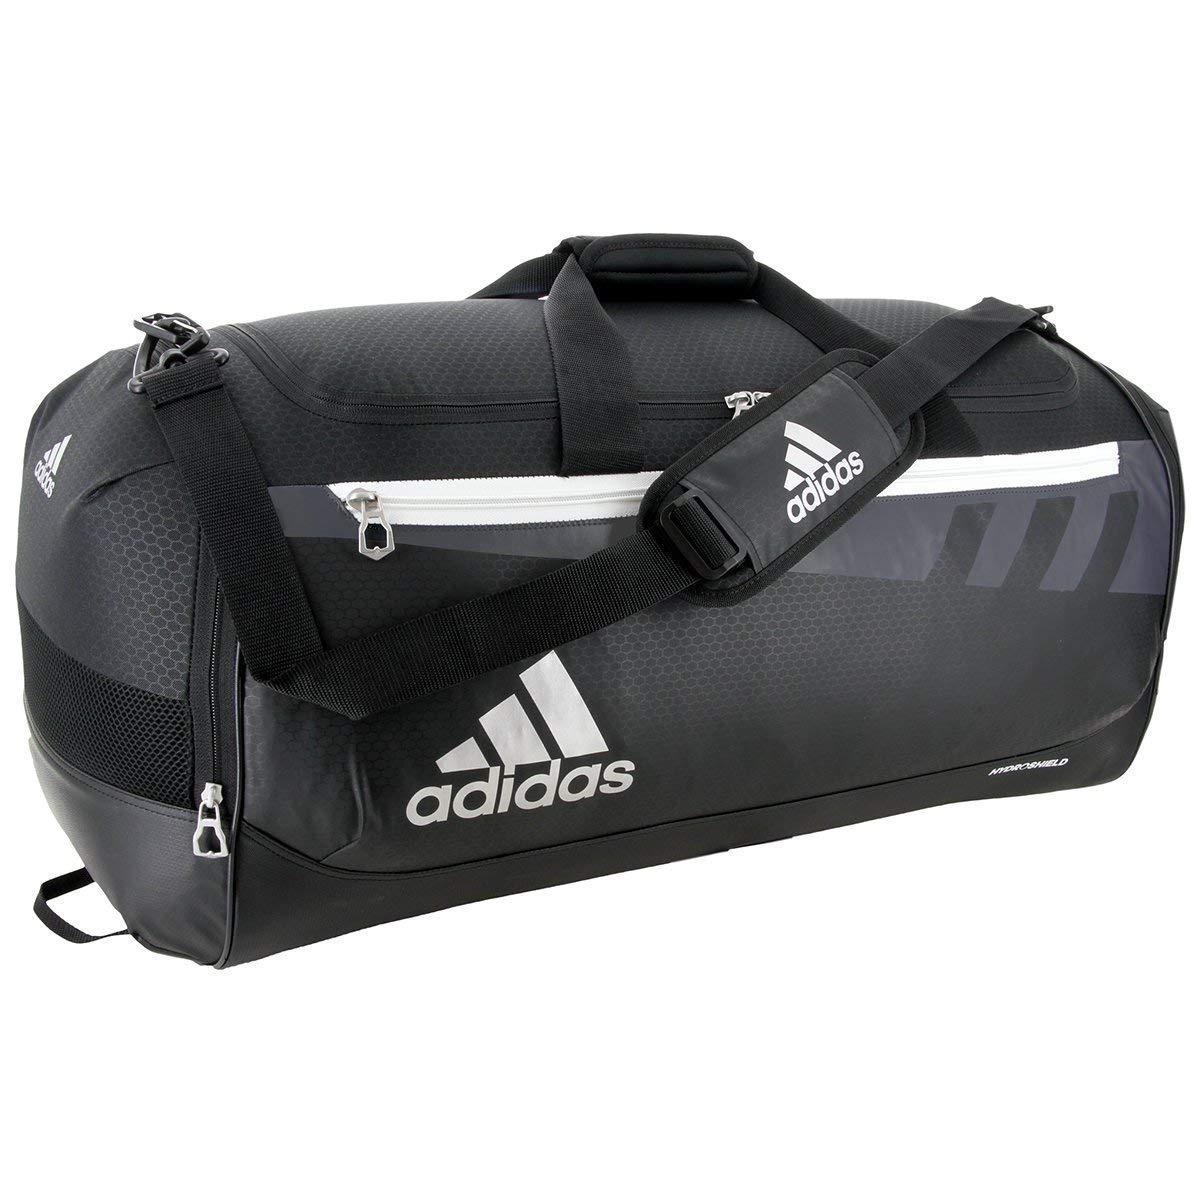 Сумка спортивная Adidas Спортивная сумка адидас БОЛЬШАЯ для спорта XXL, черный